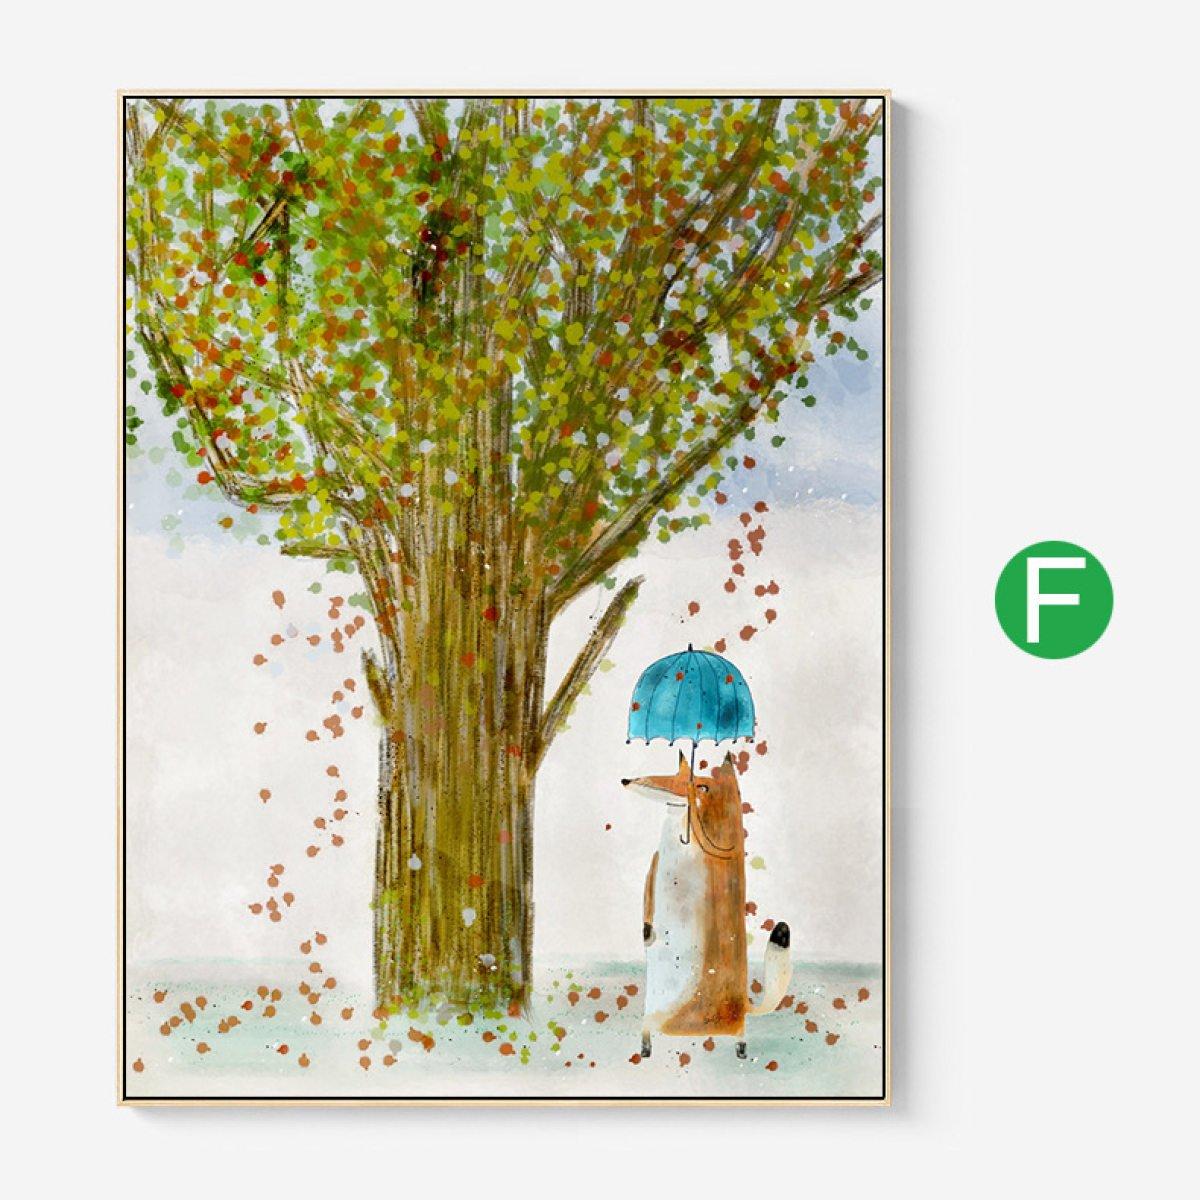 36214 フォトフレームコラージュ写真壁の装飾絵画壁吊り北欧漫画動物の風景居間ソファ壁画 (色 : F f, サイズ さいず : 27.6 * 35.4in) 27.6*35.4in F f B07JDGNXB6